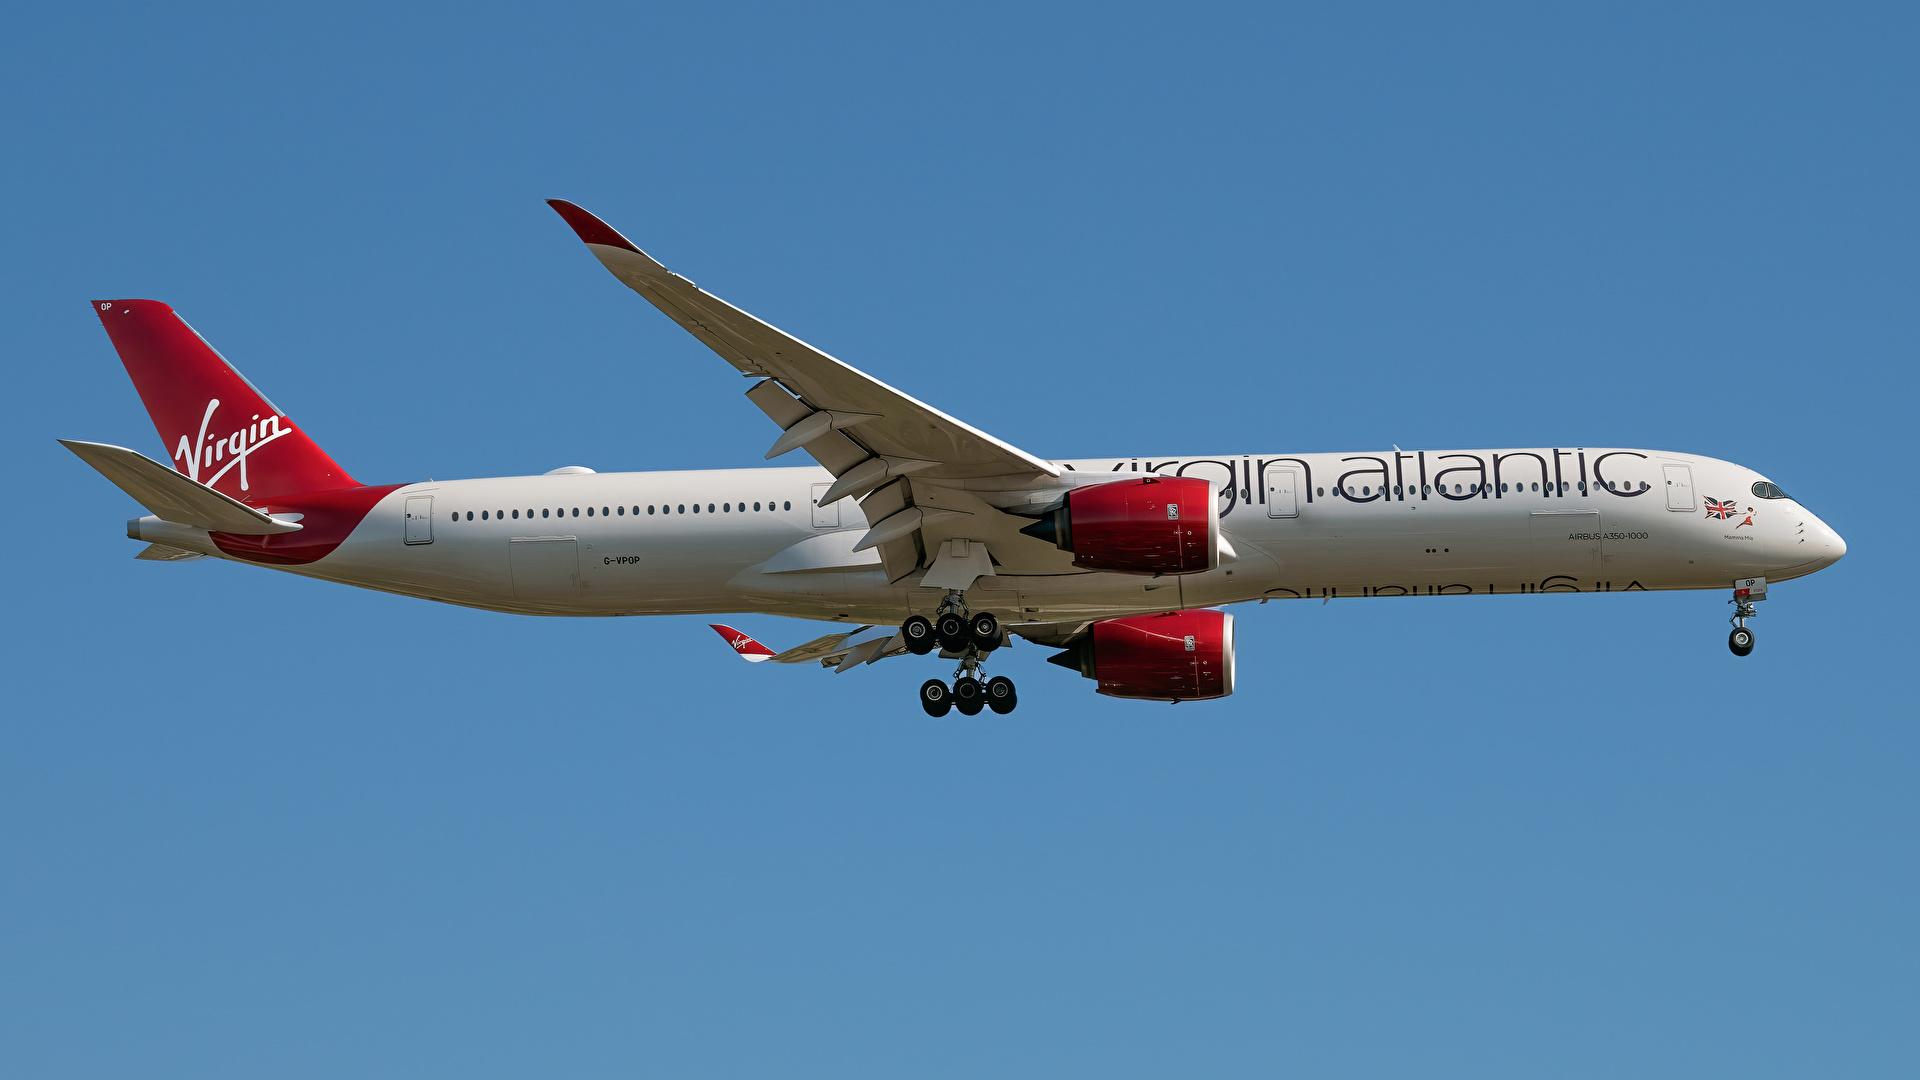 Фотографии Эйрбас Самолеты Пассажирские Самолеты A350-1000, Virgin Atlantic Сбоку Авиация 1920x1080 Airbus